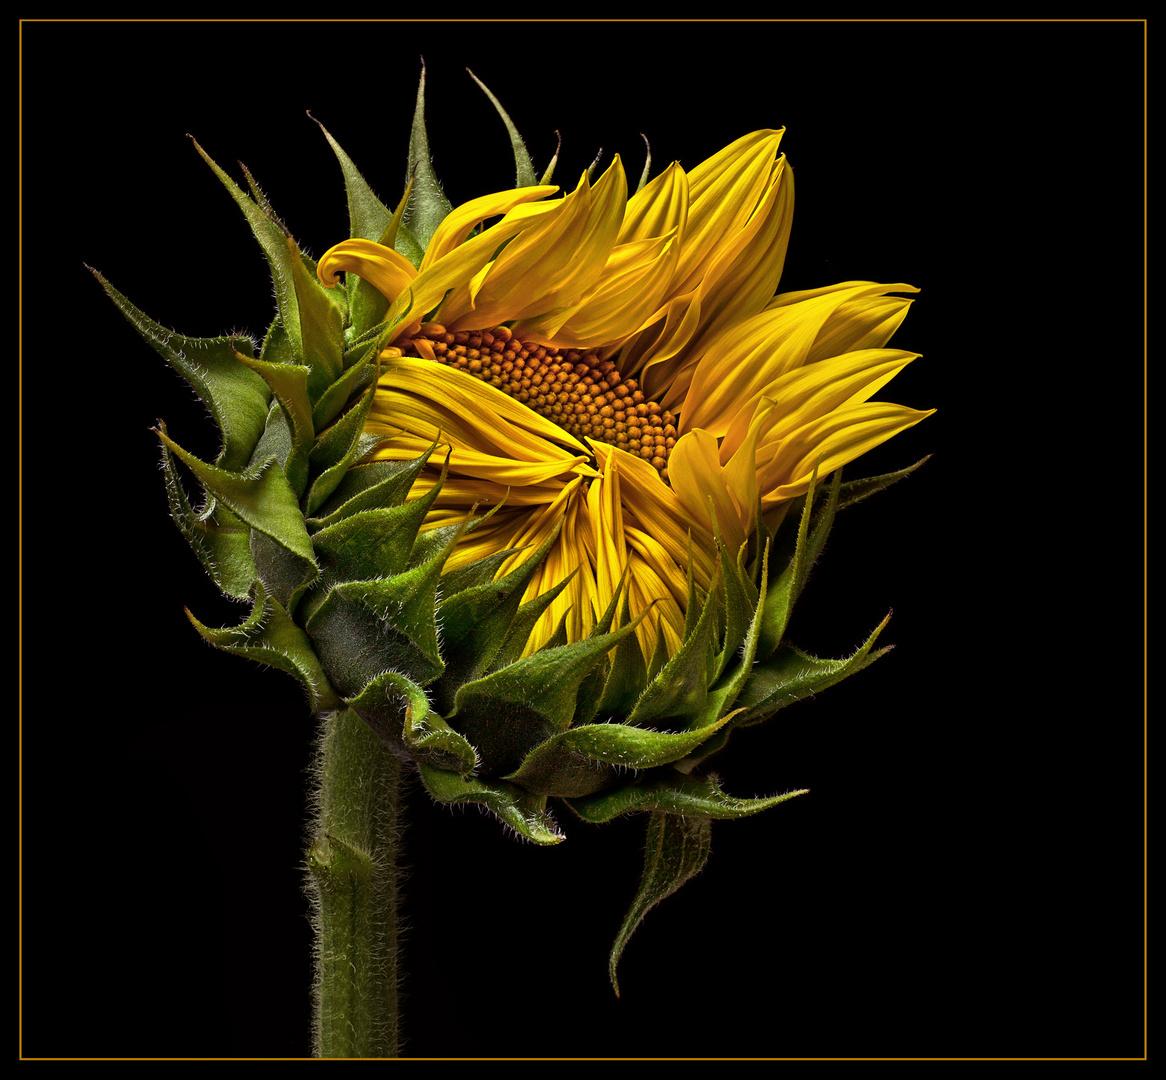 Eine Sonnenblume öffnet sich